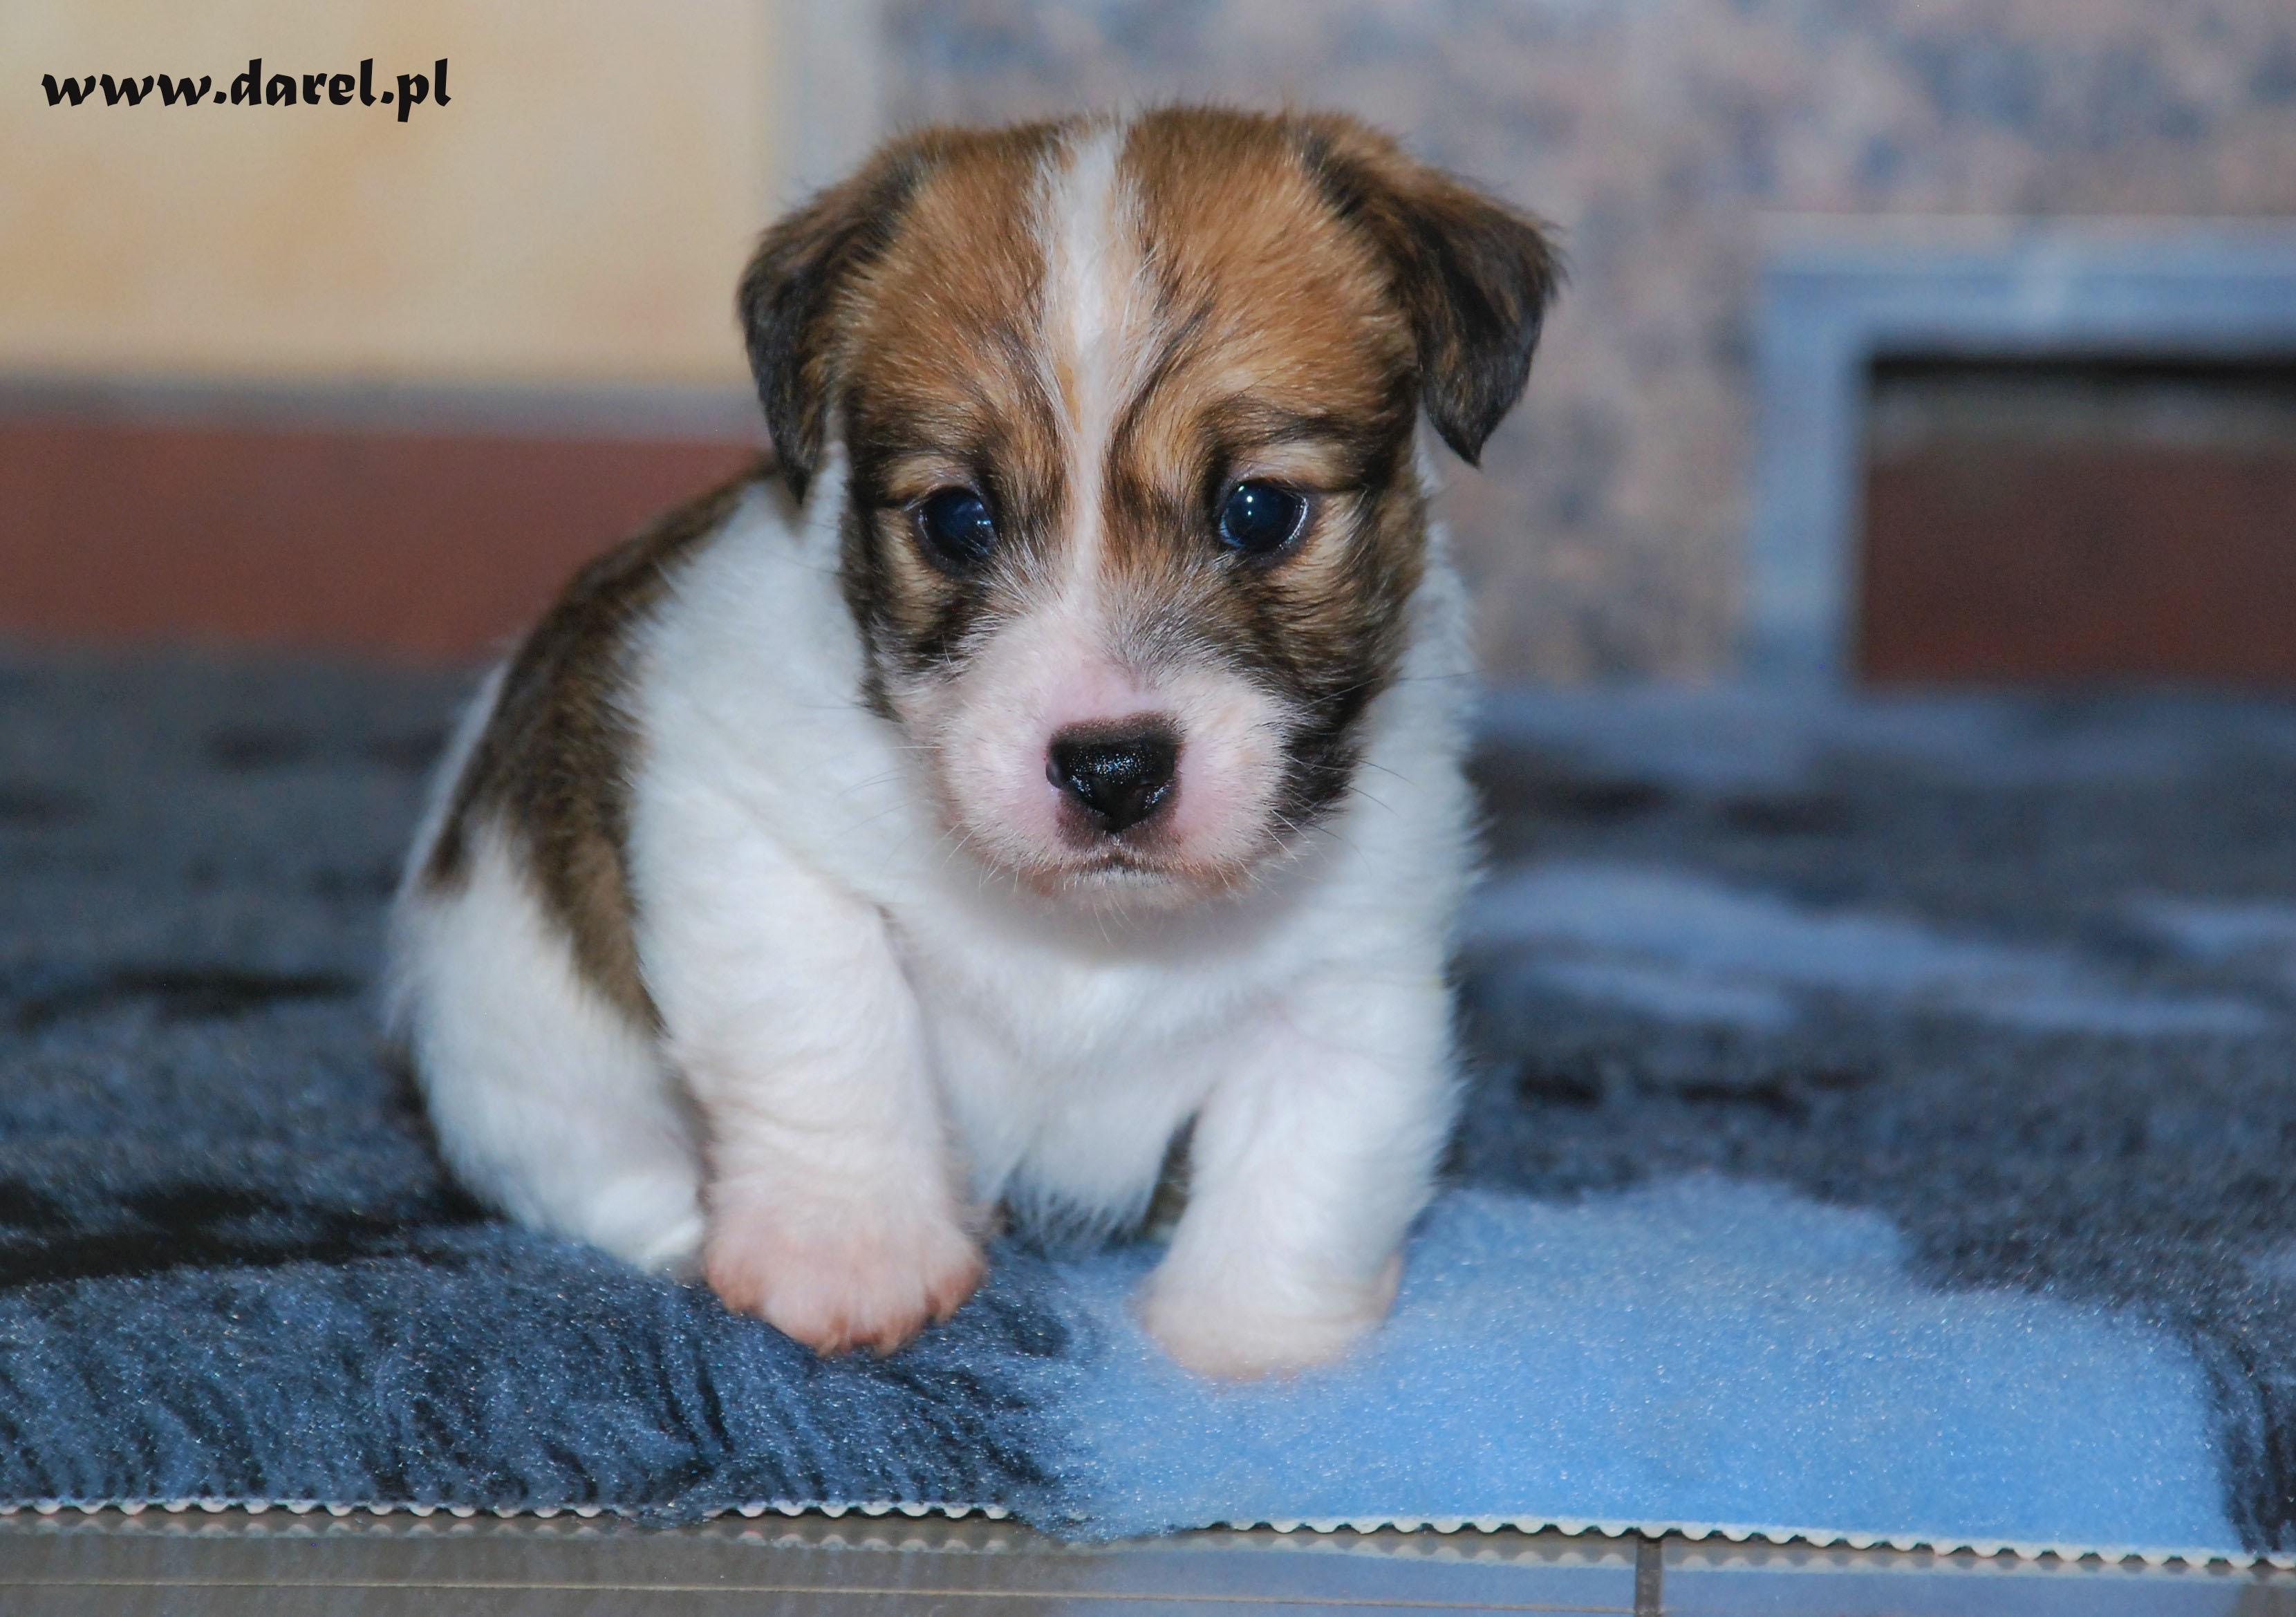 RIKI | DAREL Hodowla jack russell terrier JRT